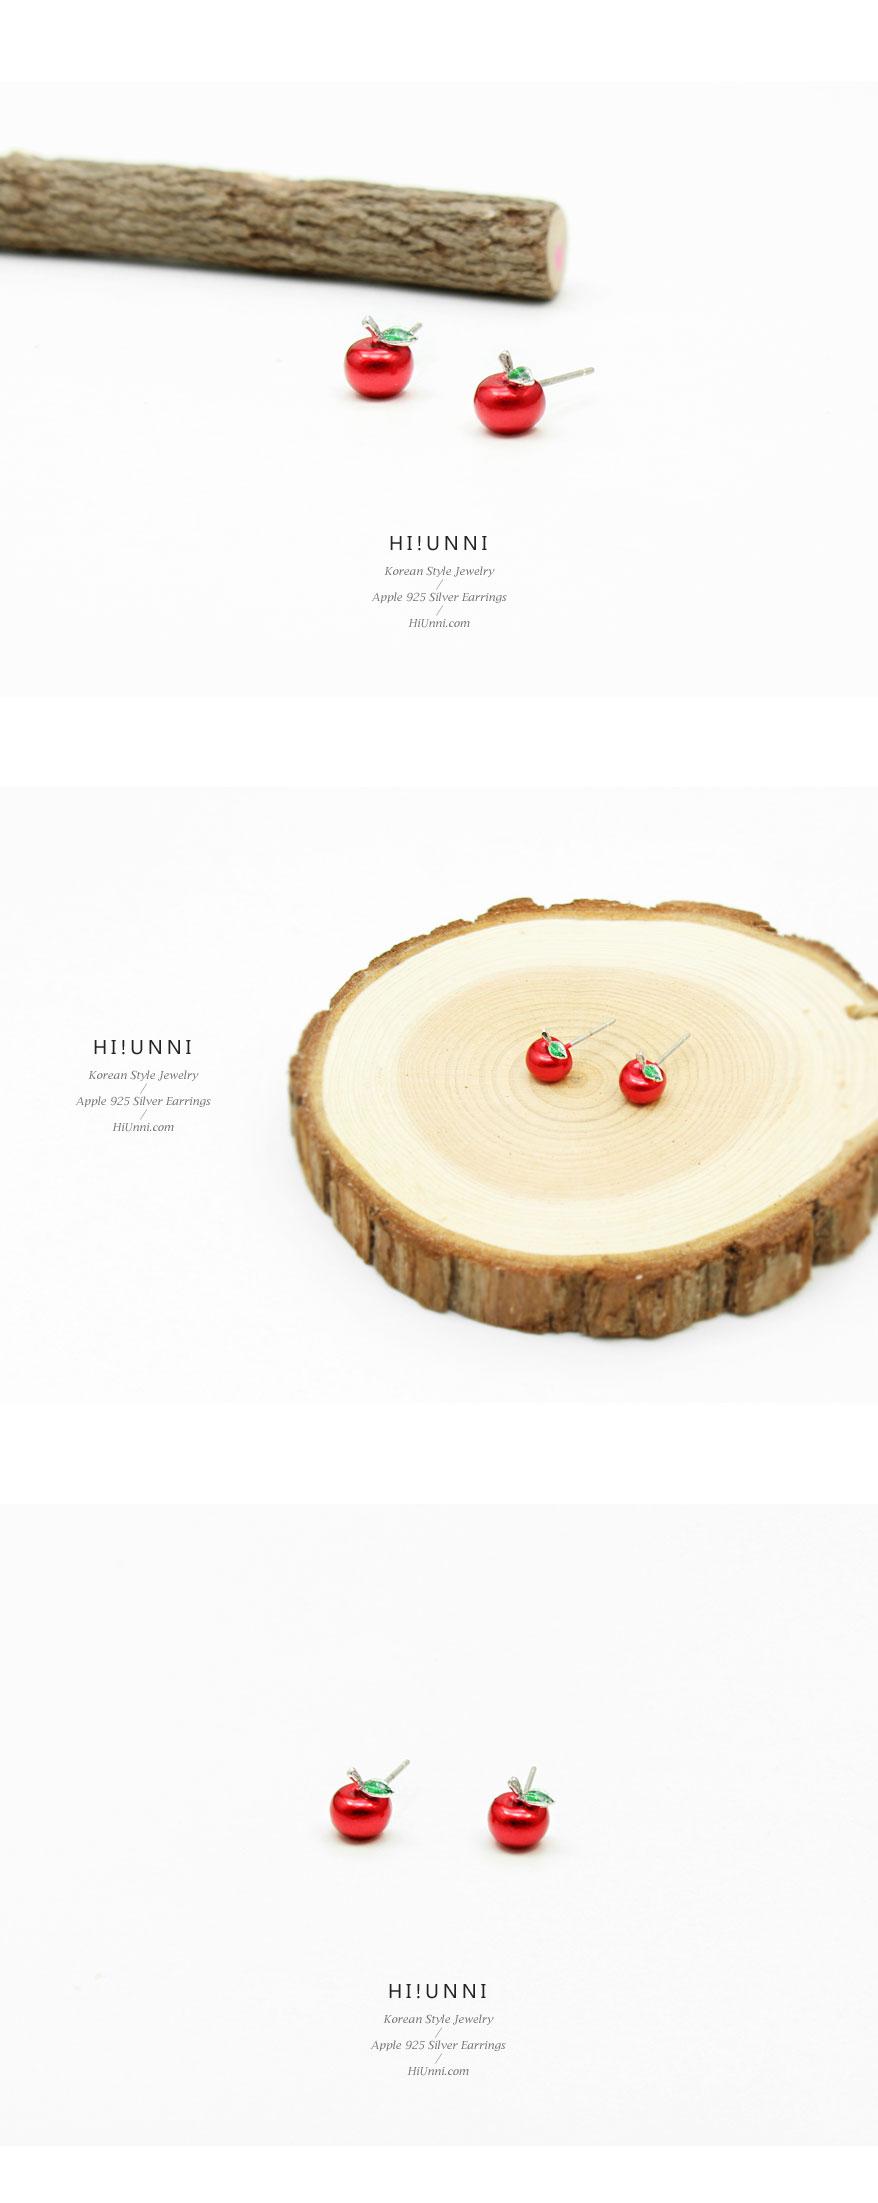 accessories_ear_stud_earrings_korean_asian_style_jewelry_apple_925_silver_4